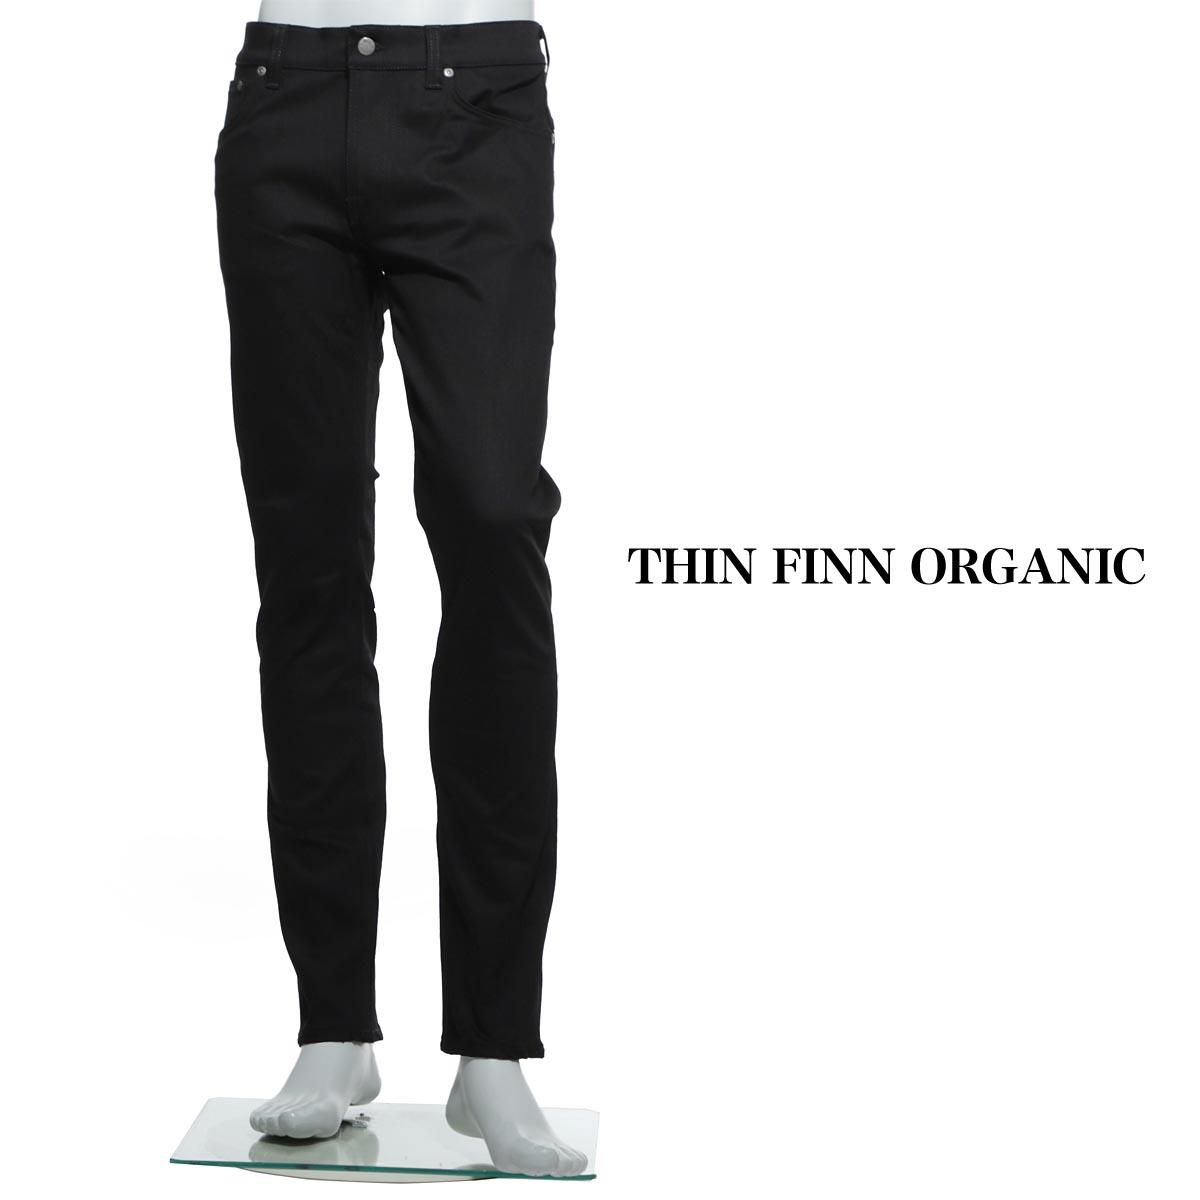 ヌーディ―ジーンズ nudie jeans co ジップフライジーンズ ブラック メンズ コットン thin finn 112303 THIN FINN ORGANIC 【あす楽対応_関東】【返品送料無料】【ラッピング無料】【190211】